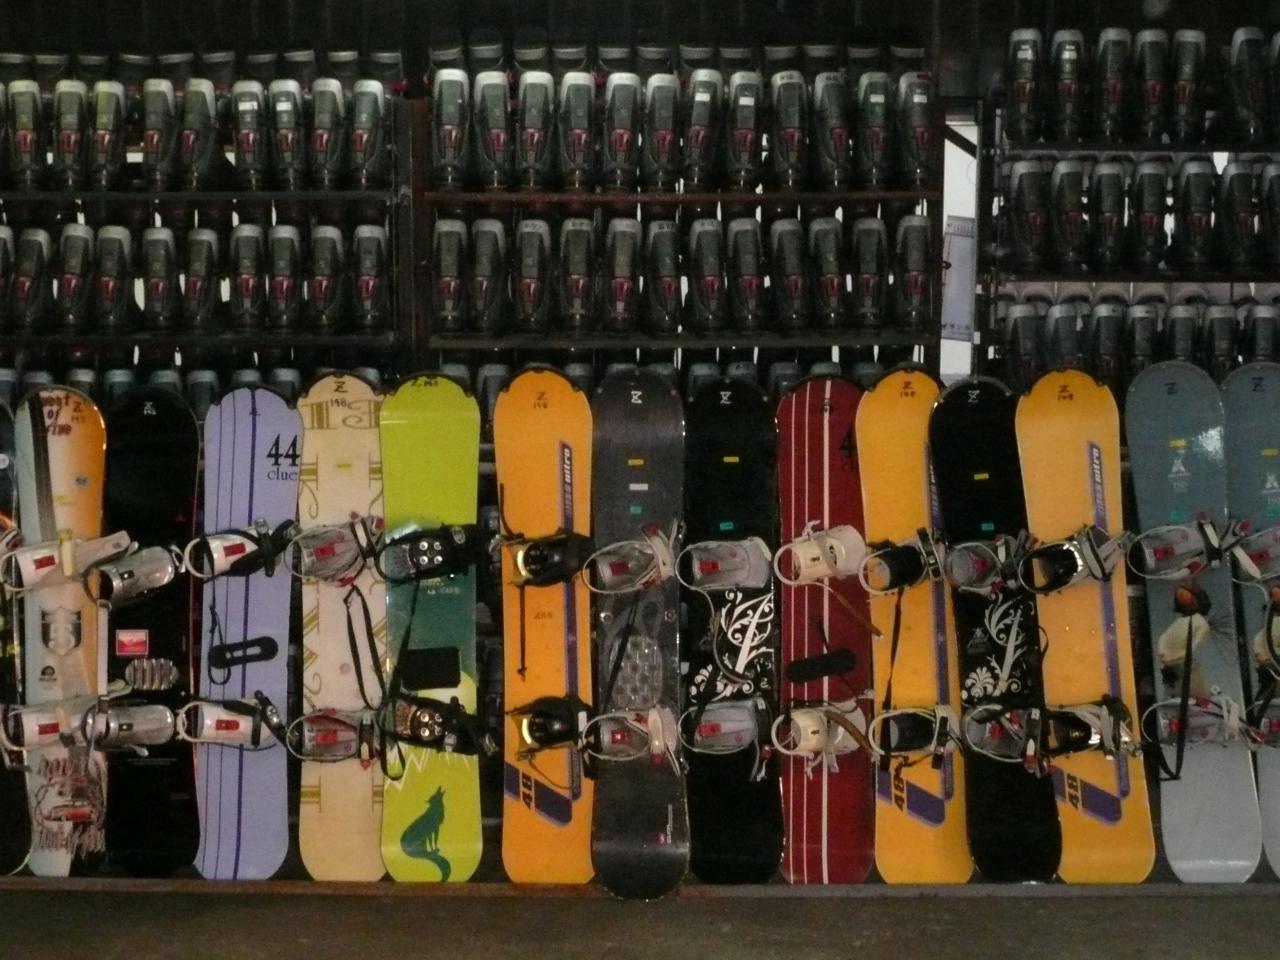 【蔵王温泉スキー場】 スキースノボーセットレンタル 上の台本店